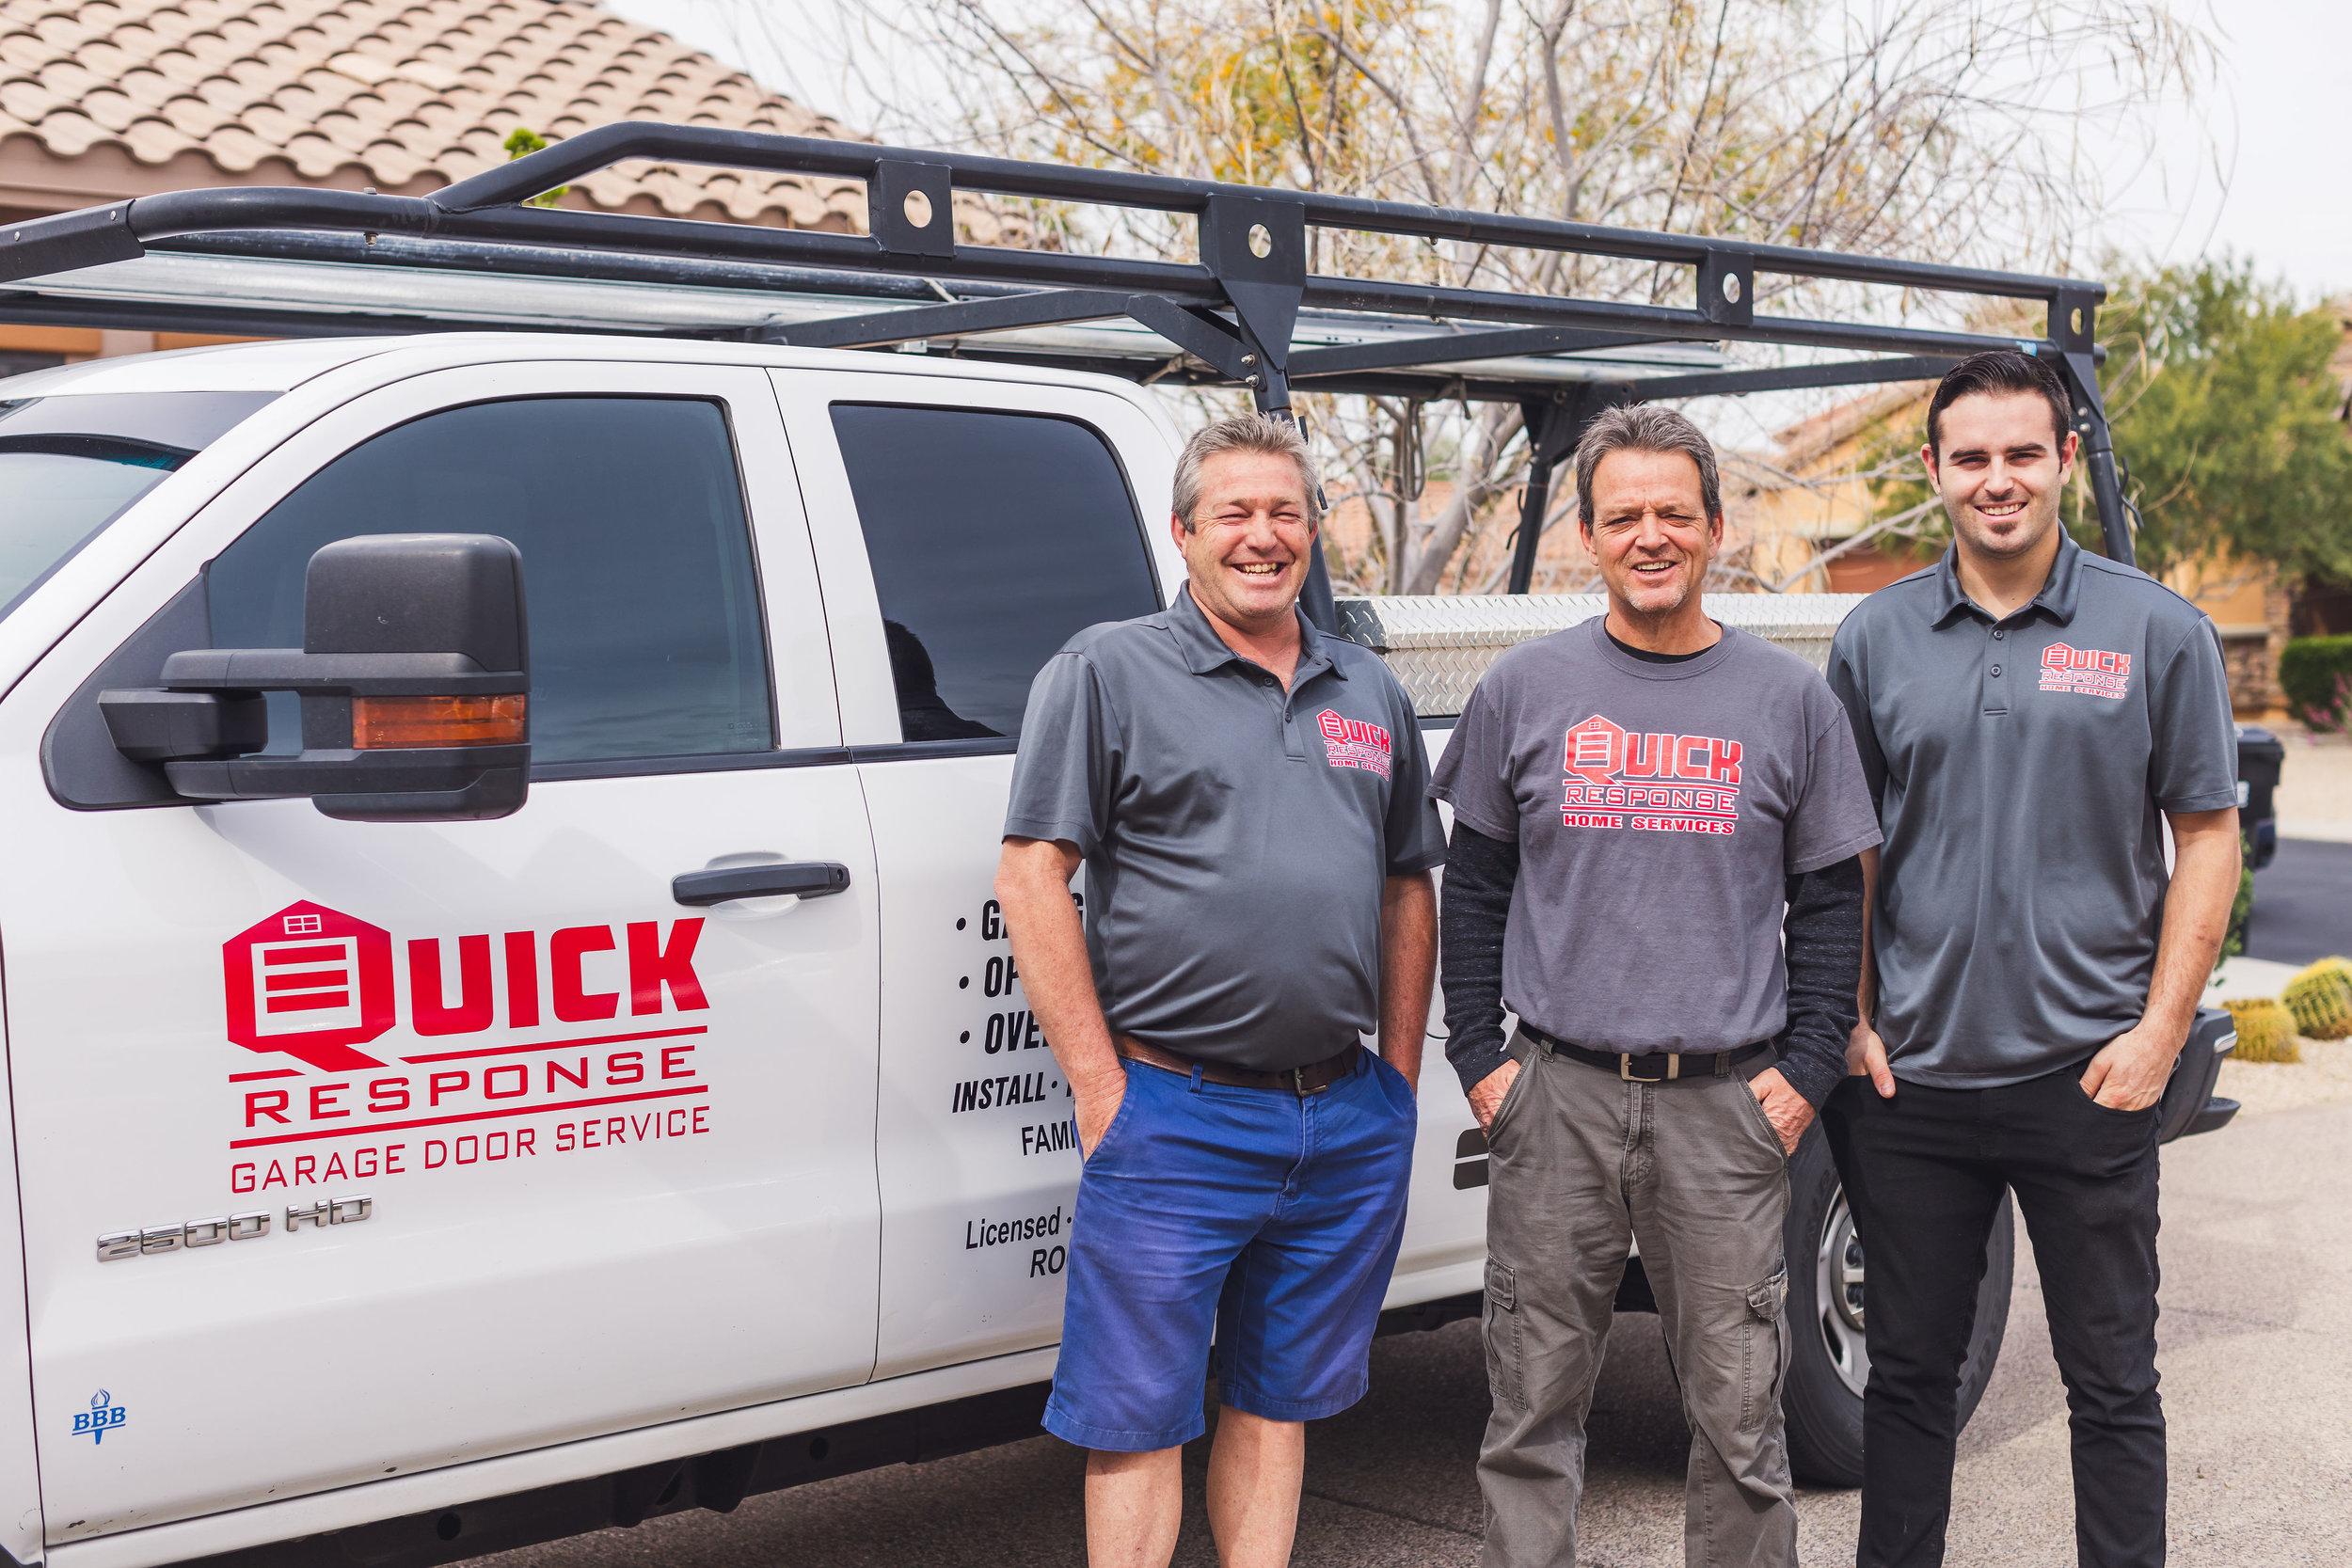 Affordable Phoenix Garage Door Repair Garage Door Replacement And Service